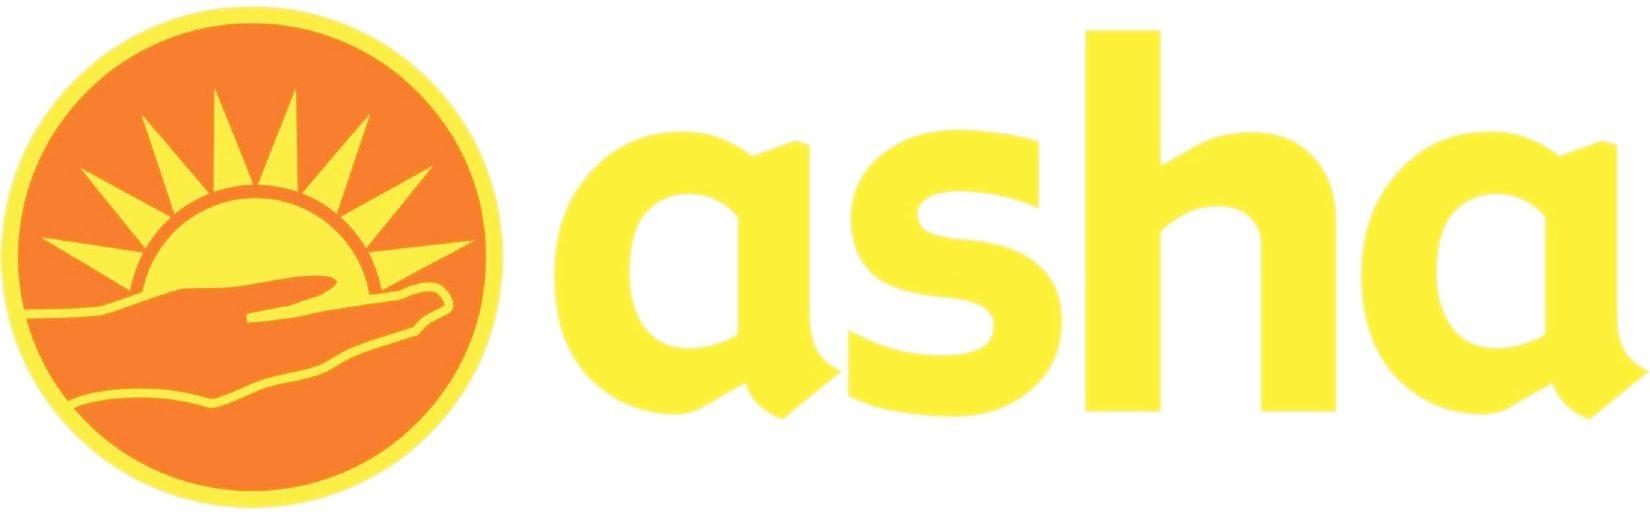 Asha-Society